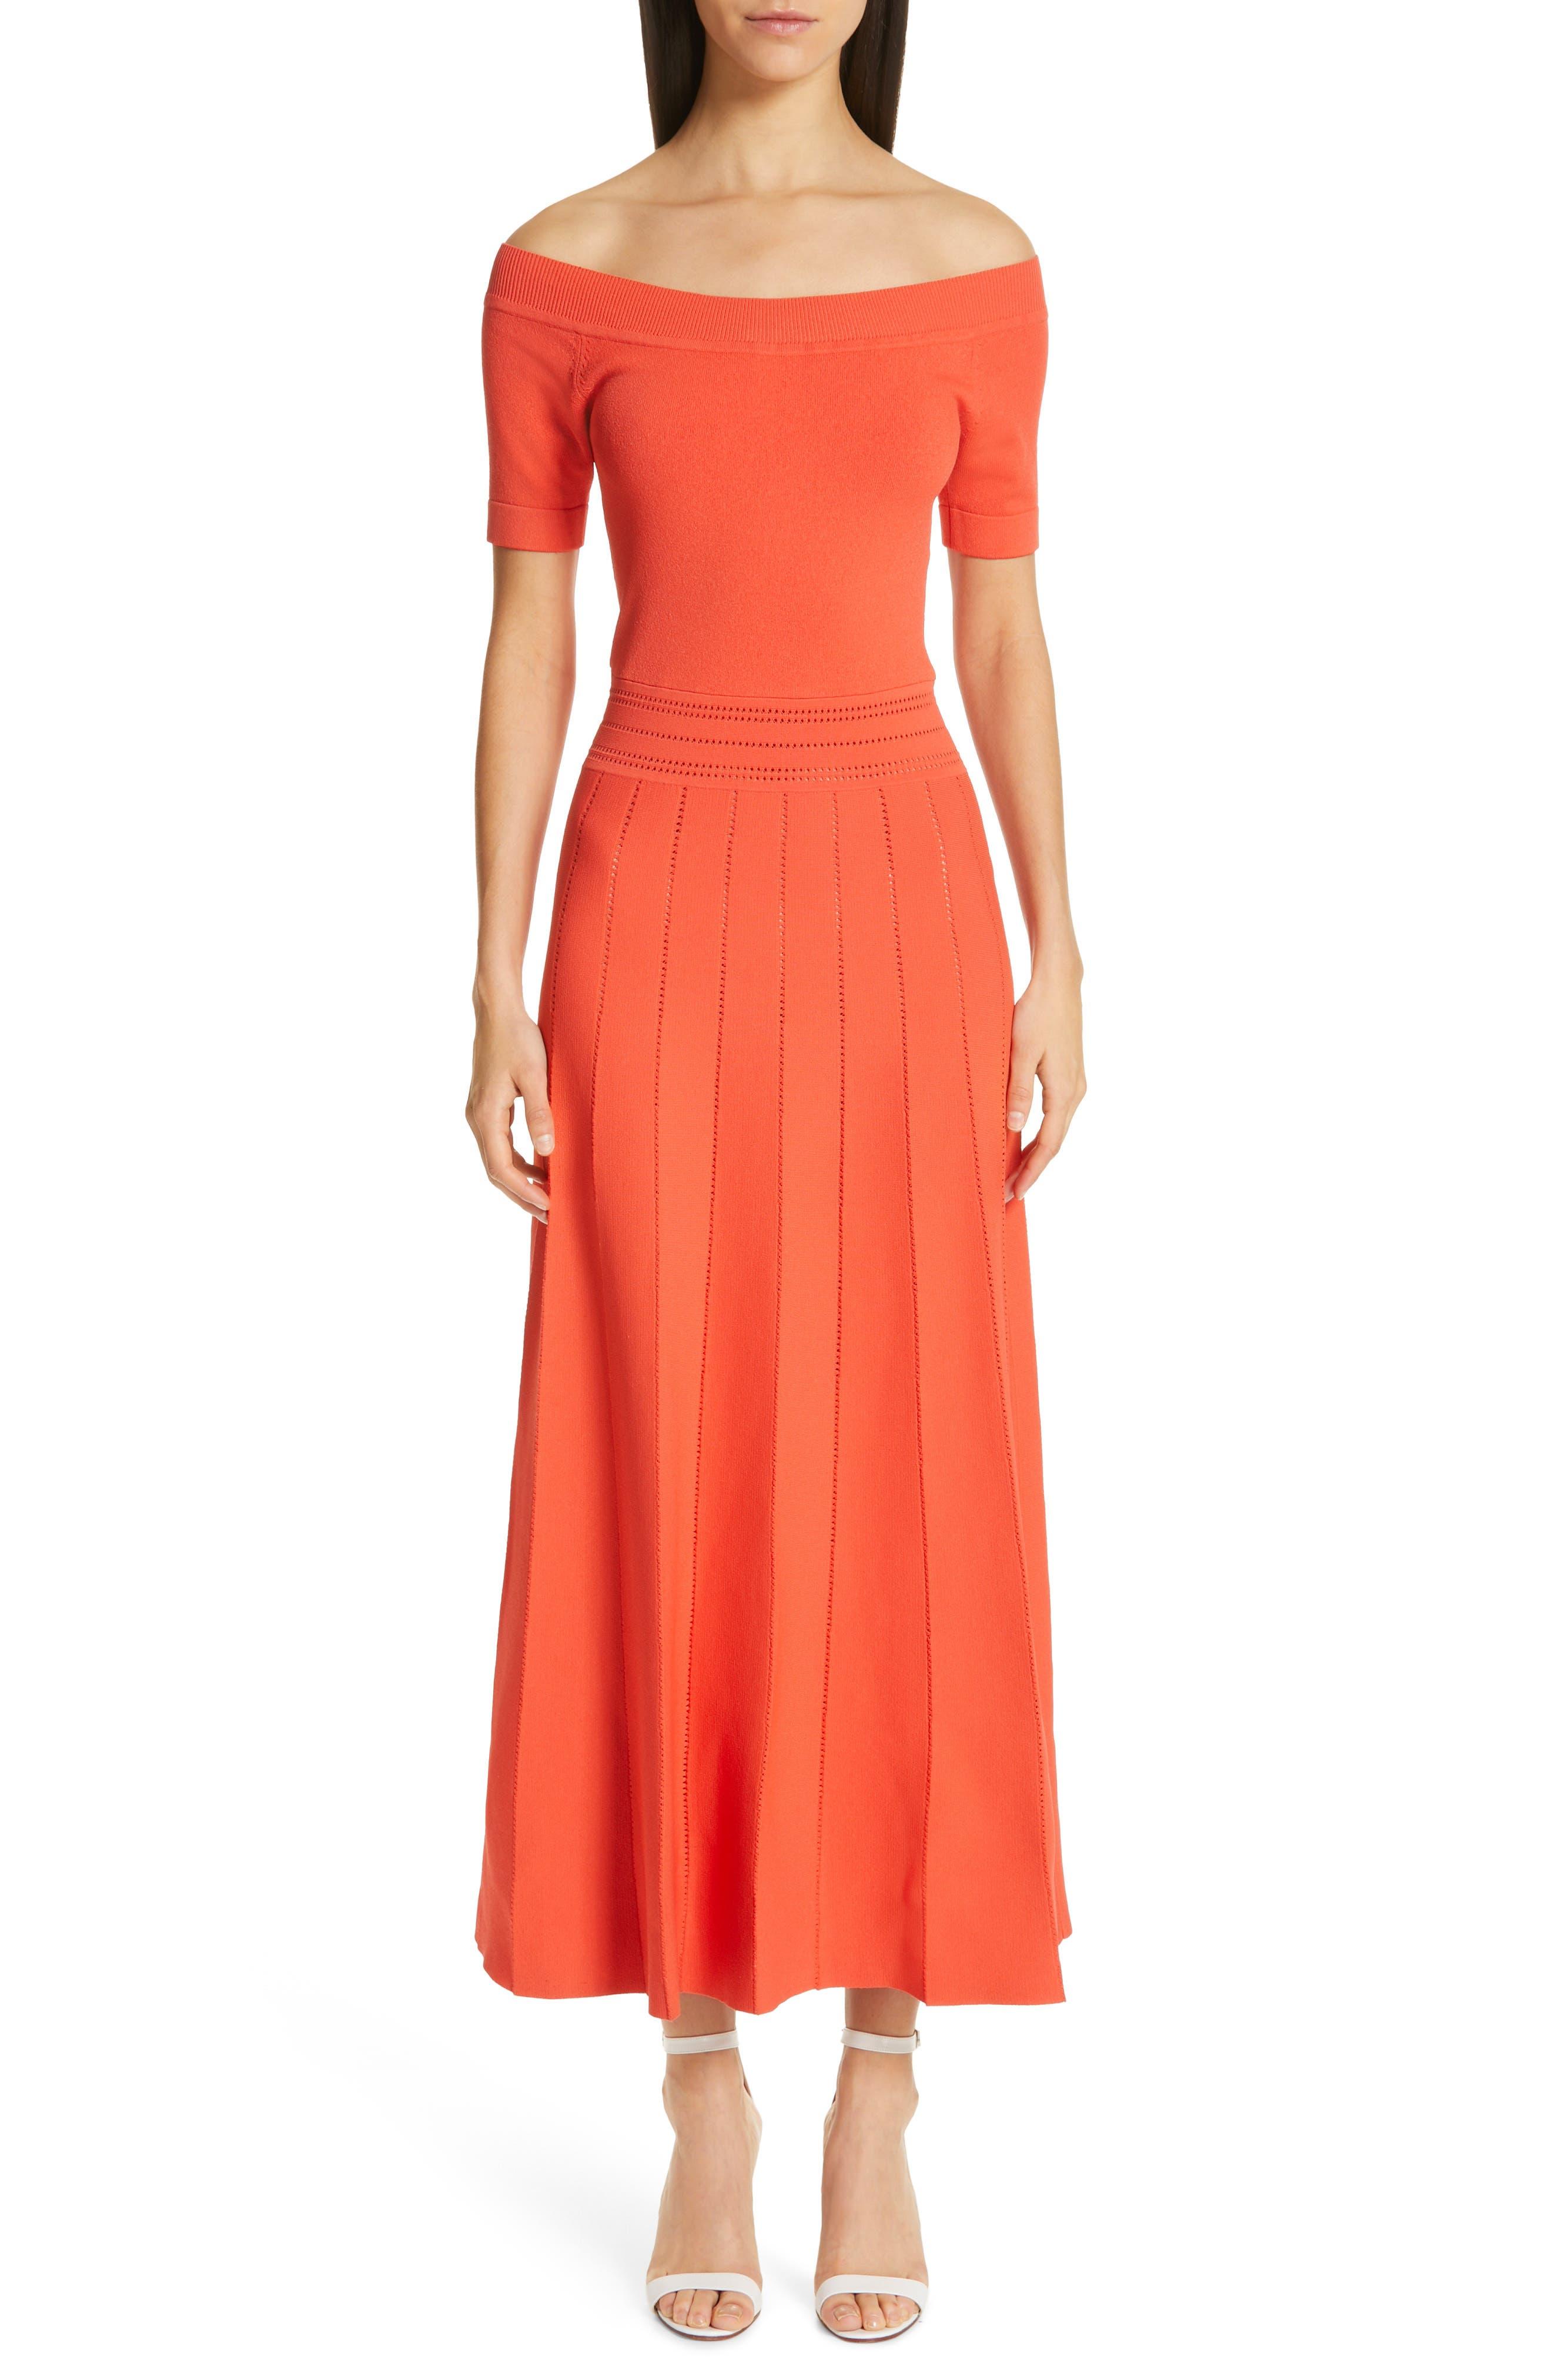 Lela Rose Pointelle Knit Off The Shoulder Dress, Coral